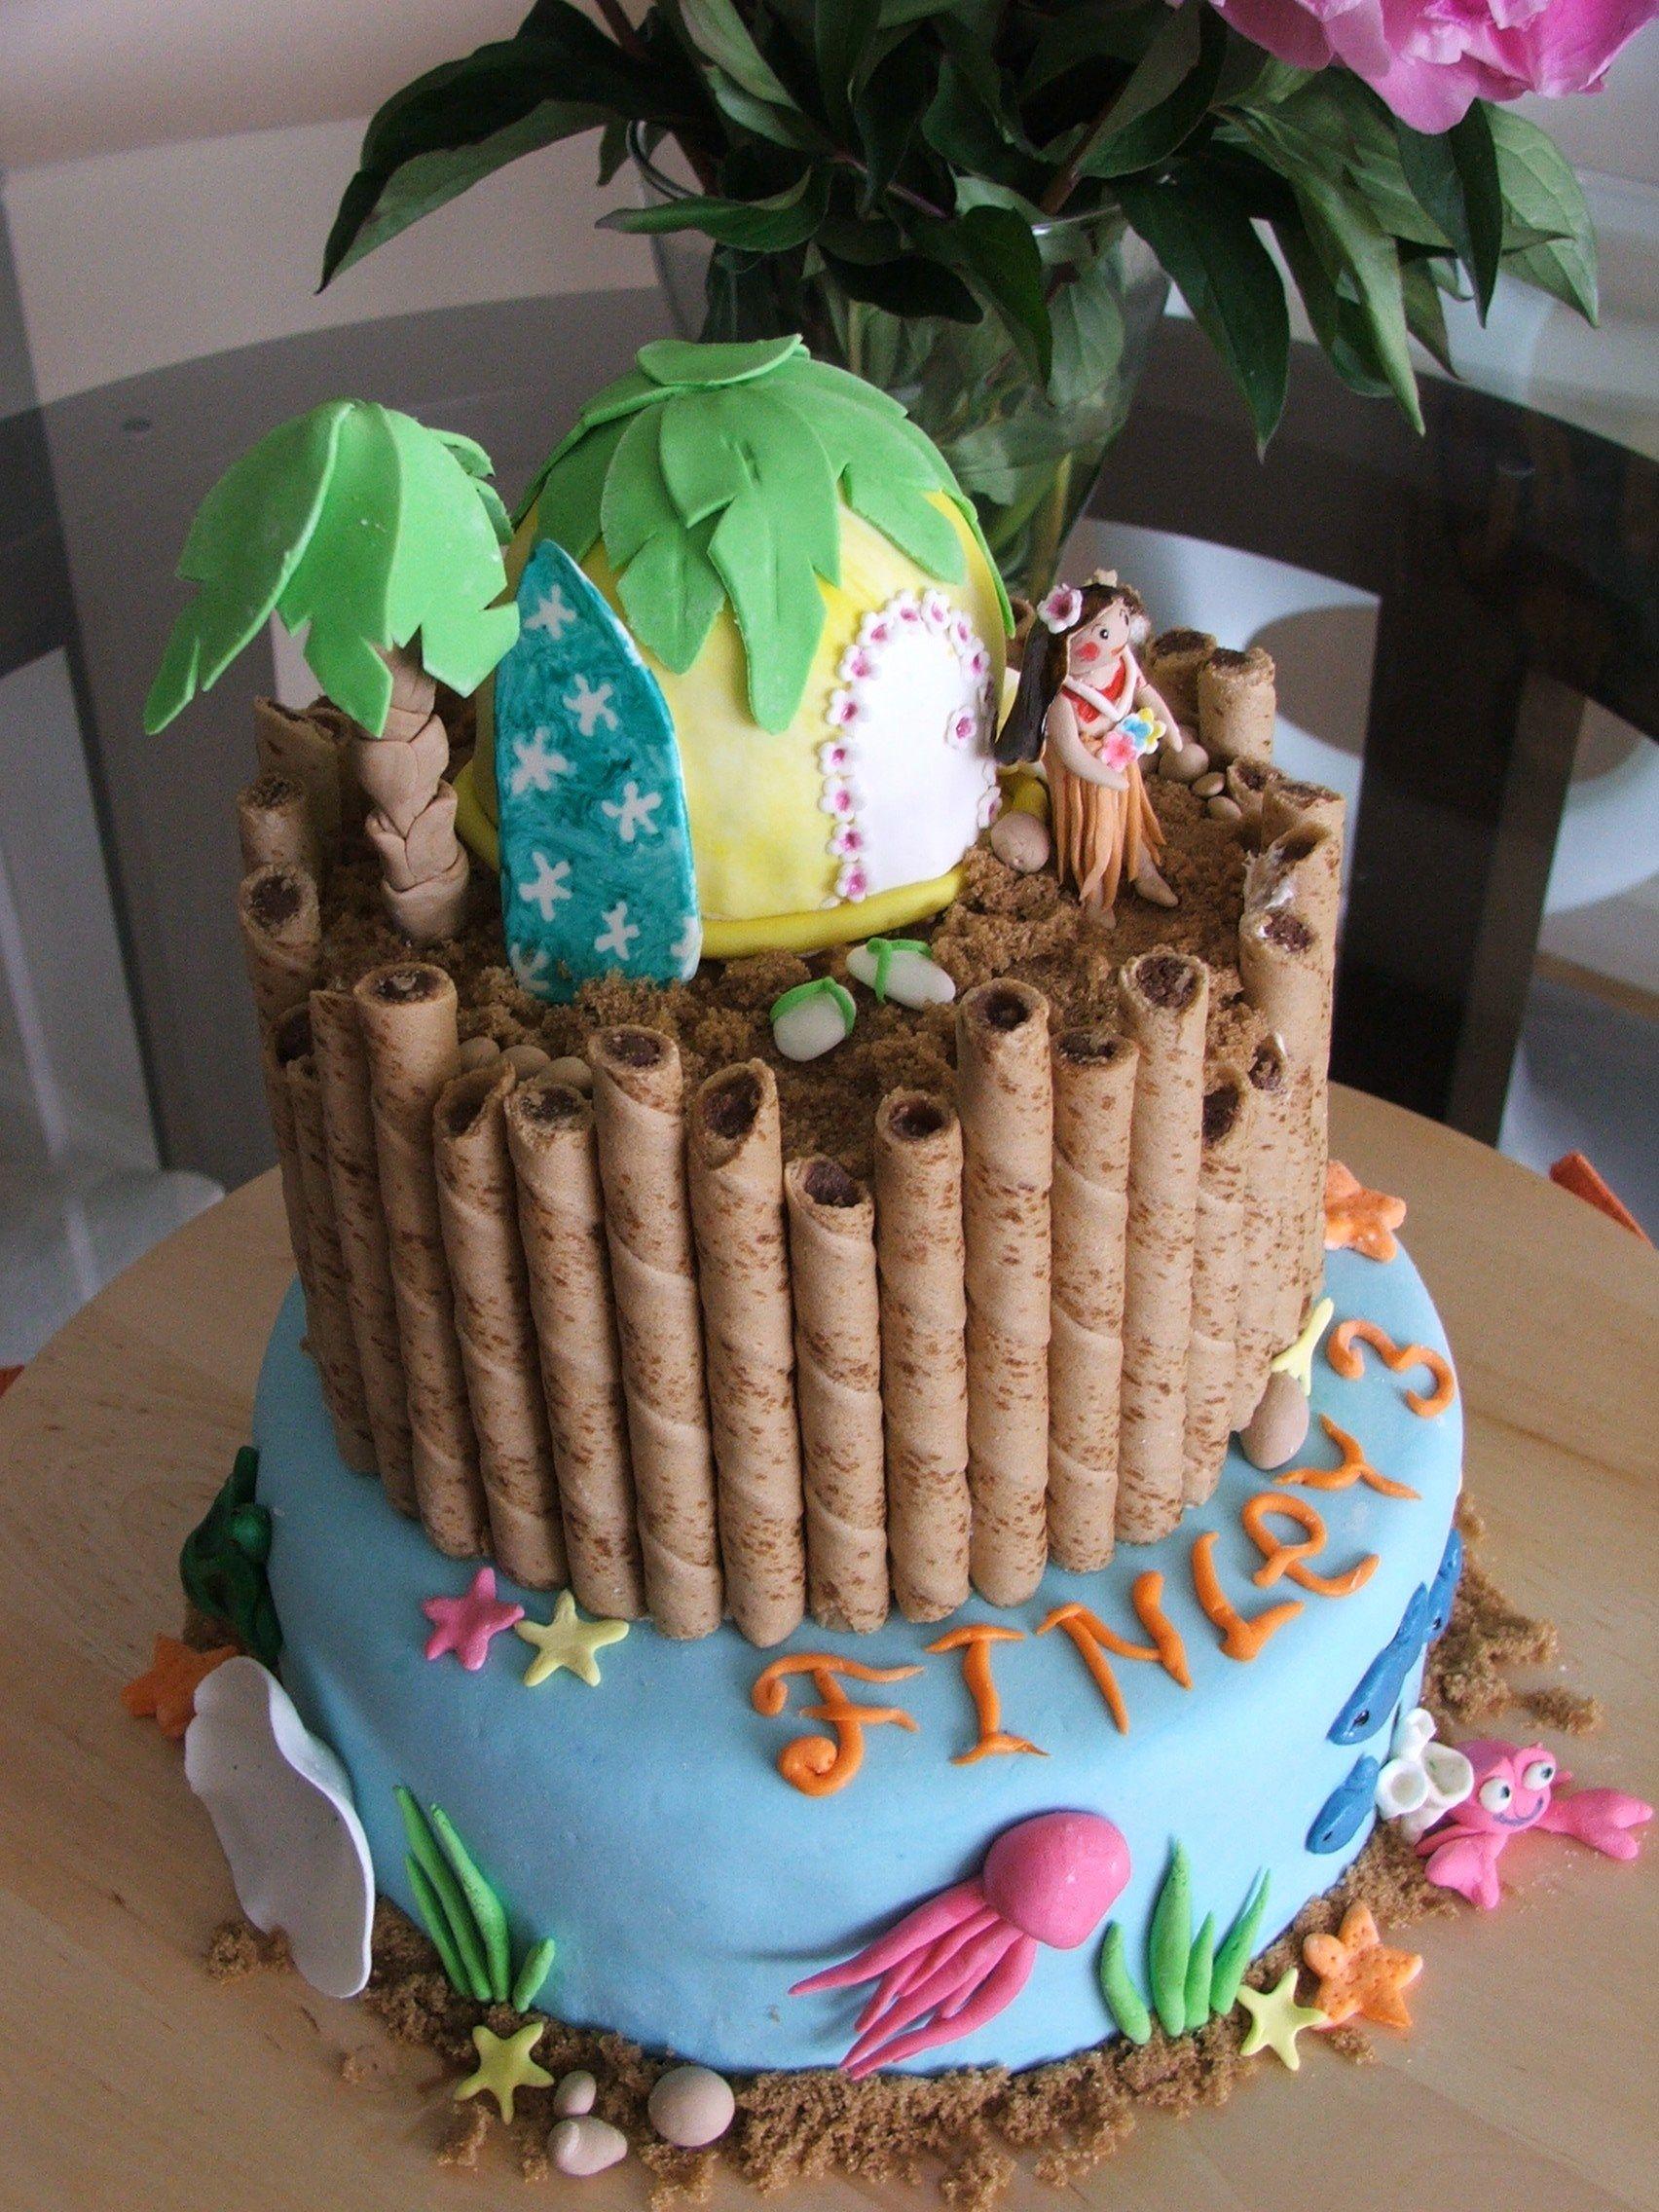 Resultados da pesquisa de http://cakesinc.files.wordpress.com/2010/08/hawaiian-luau-cake-2.jpg no Google